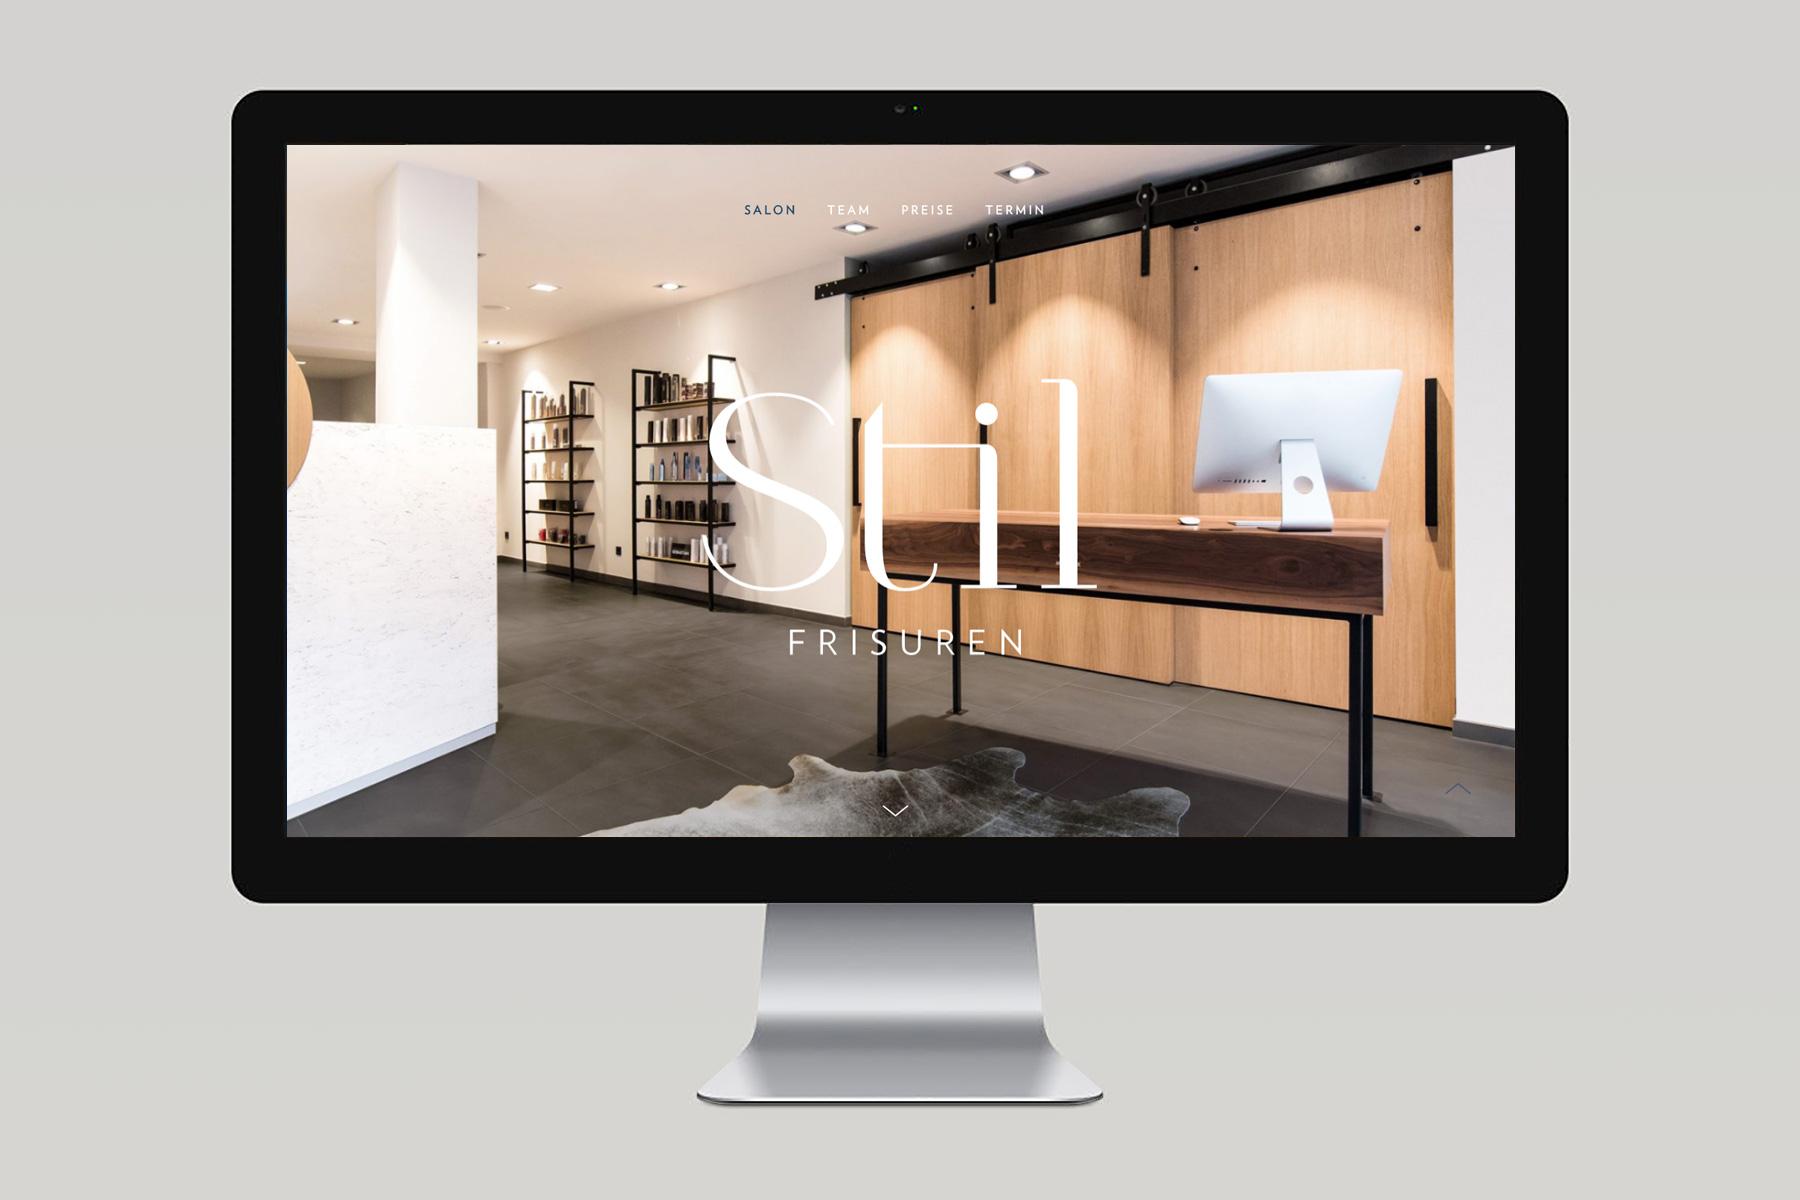 Stil-Screen-home